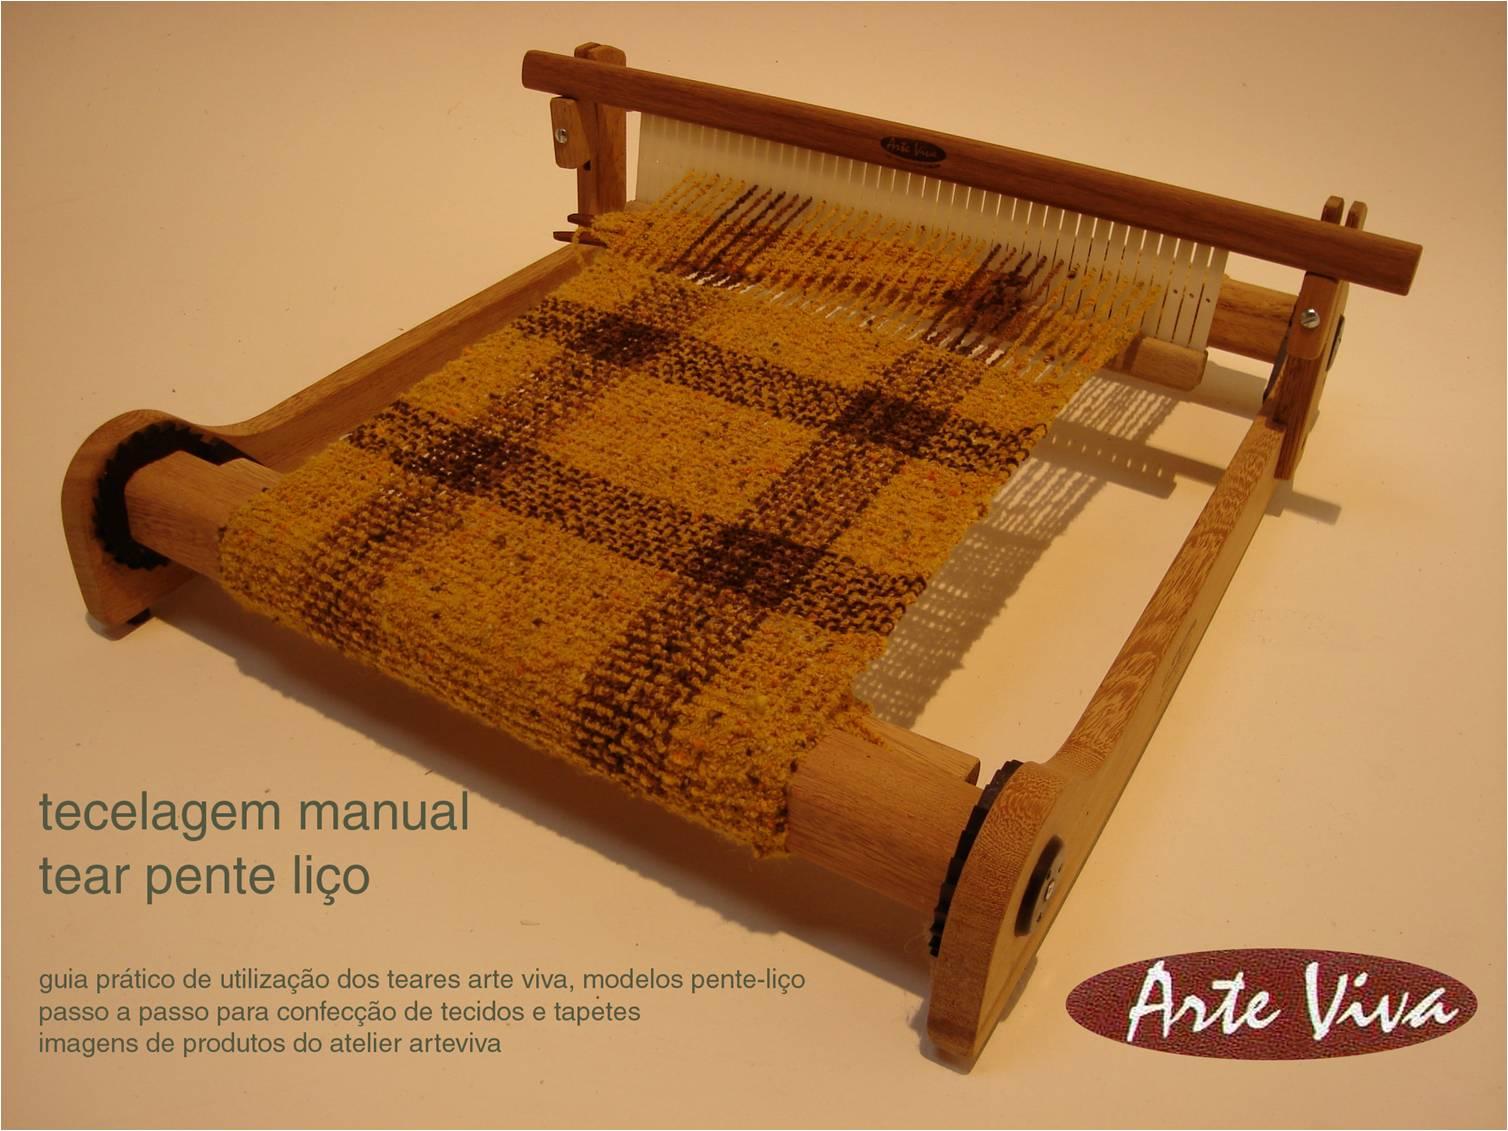 Arte Brasil Tapete No Tear : quarta-feira, 7 de abril de 2010